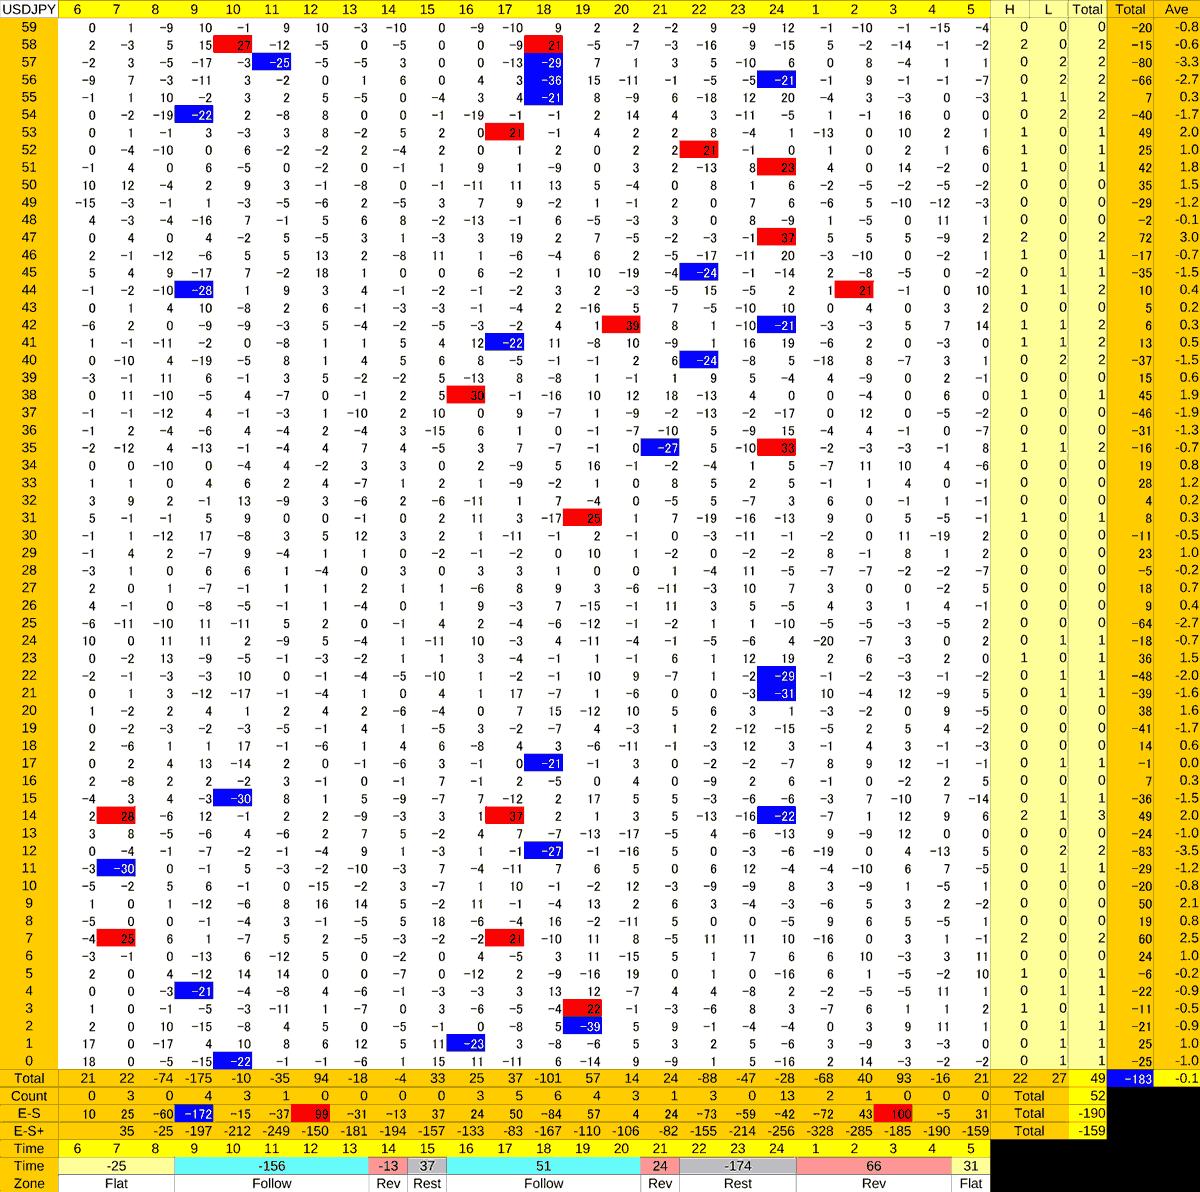 20201211_HS(1)USDJPY